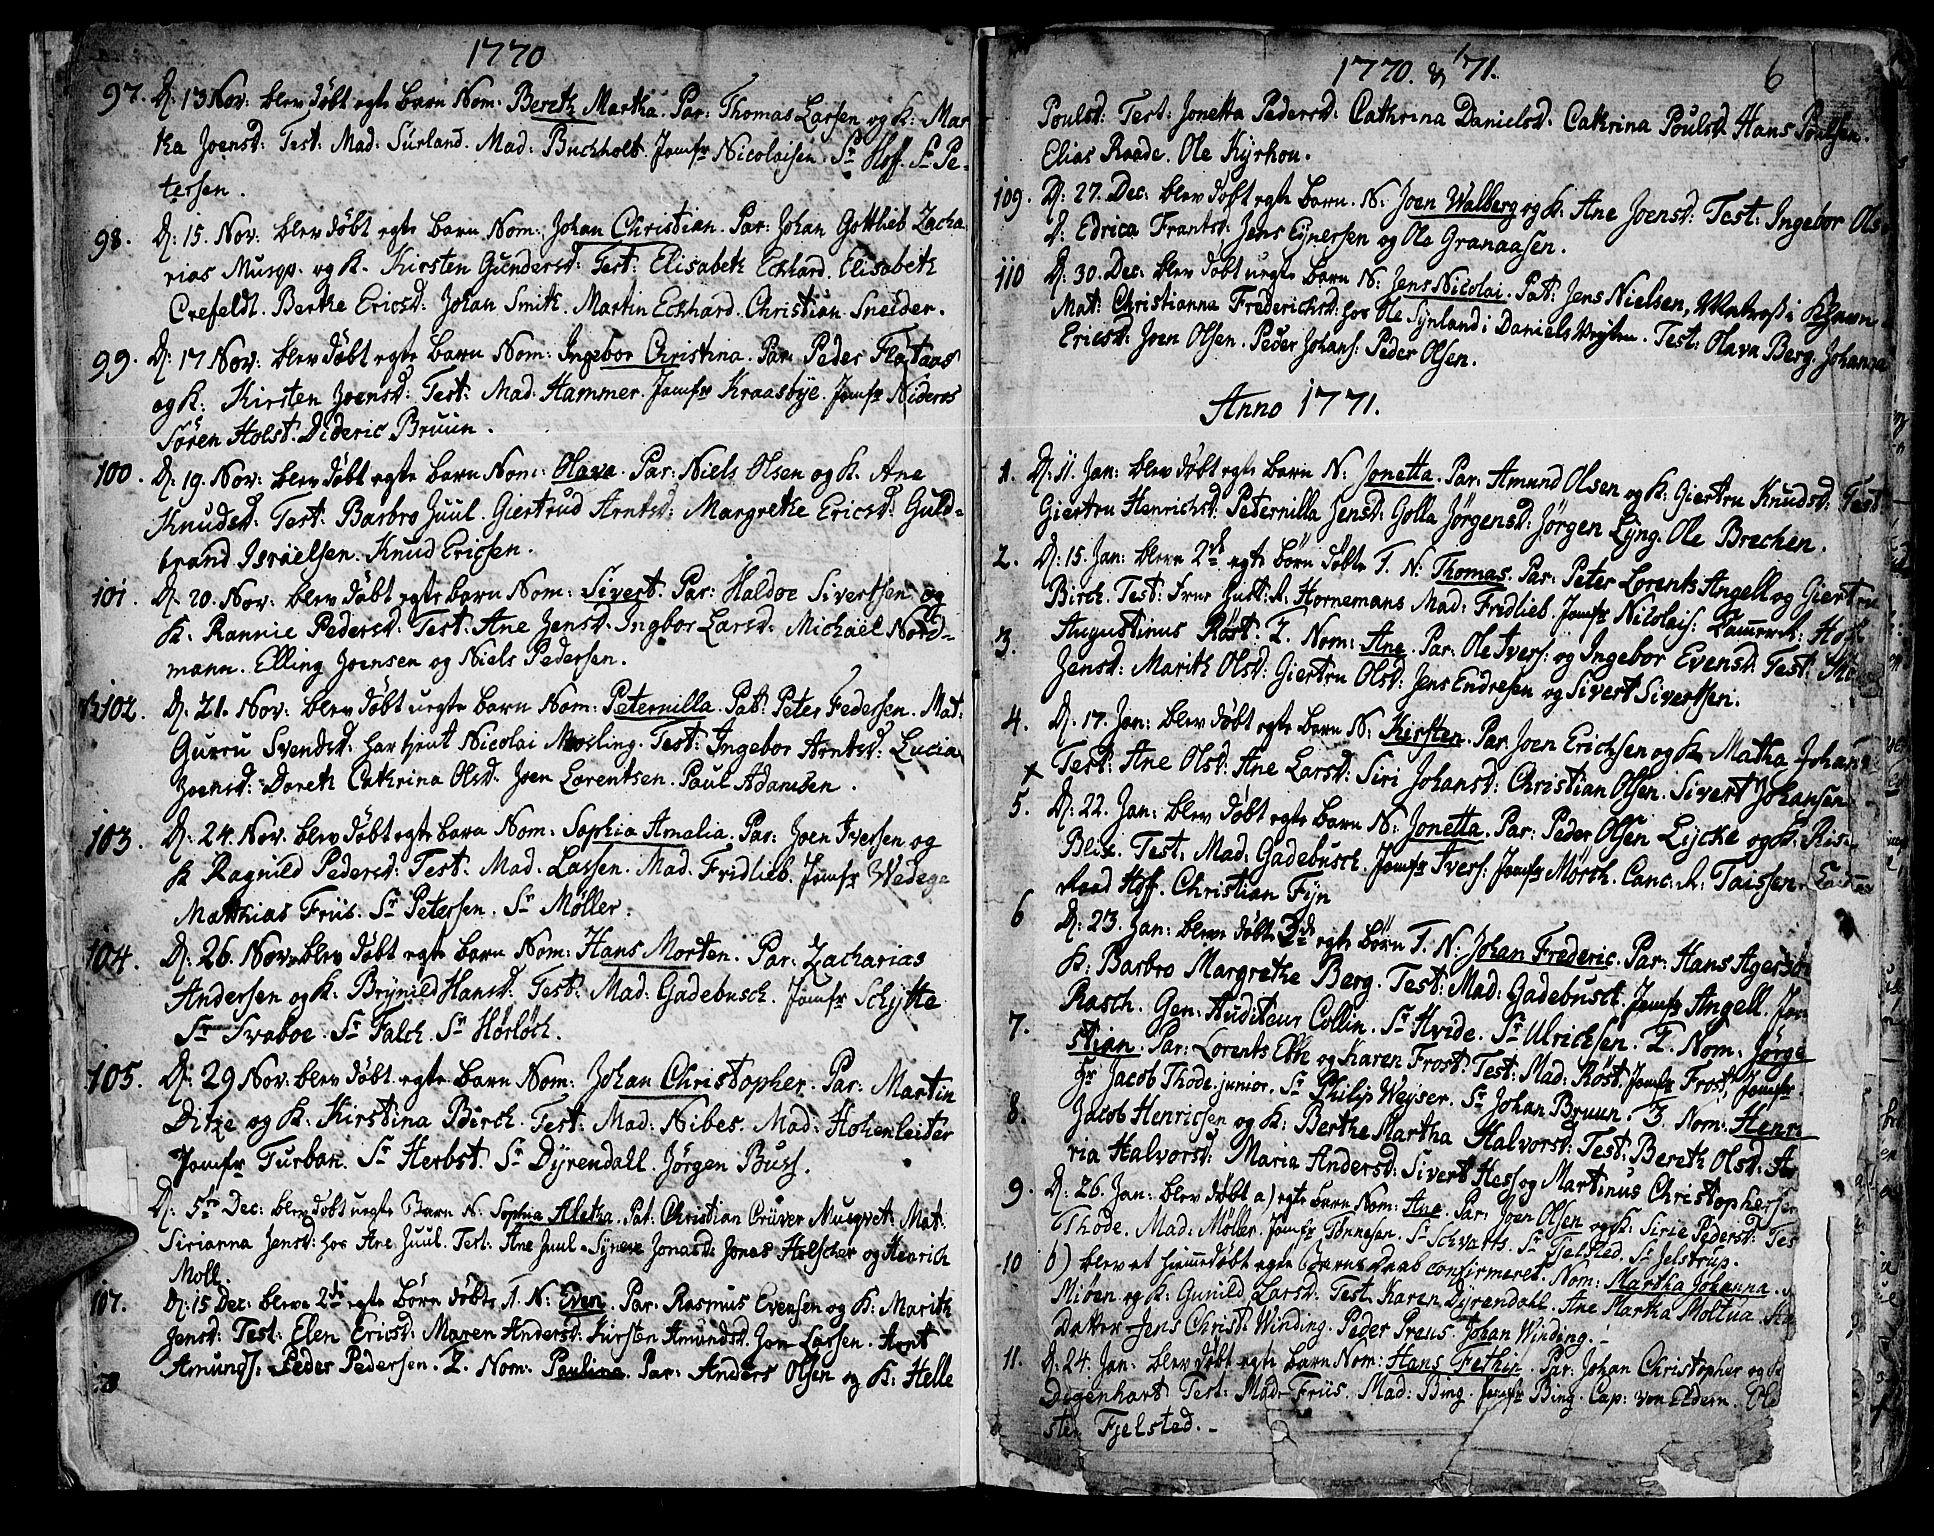 SAT, Ministerialprotokoller, klokkerbøker og fødselsregistre - Sør-Trøndelag, 601/L0039: Ministerialbok nr. 601A07, 1770-1819, s. 6